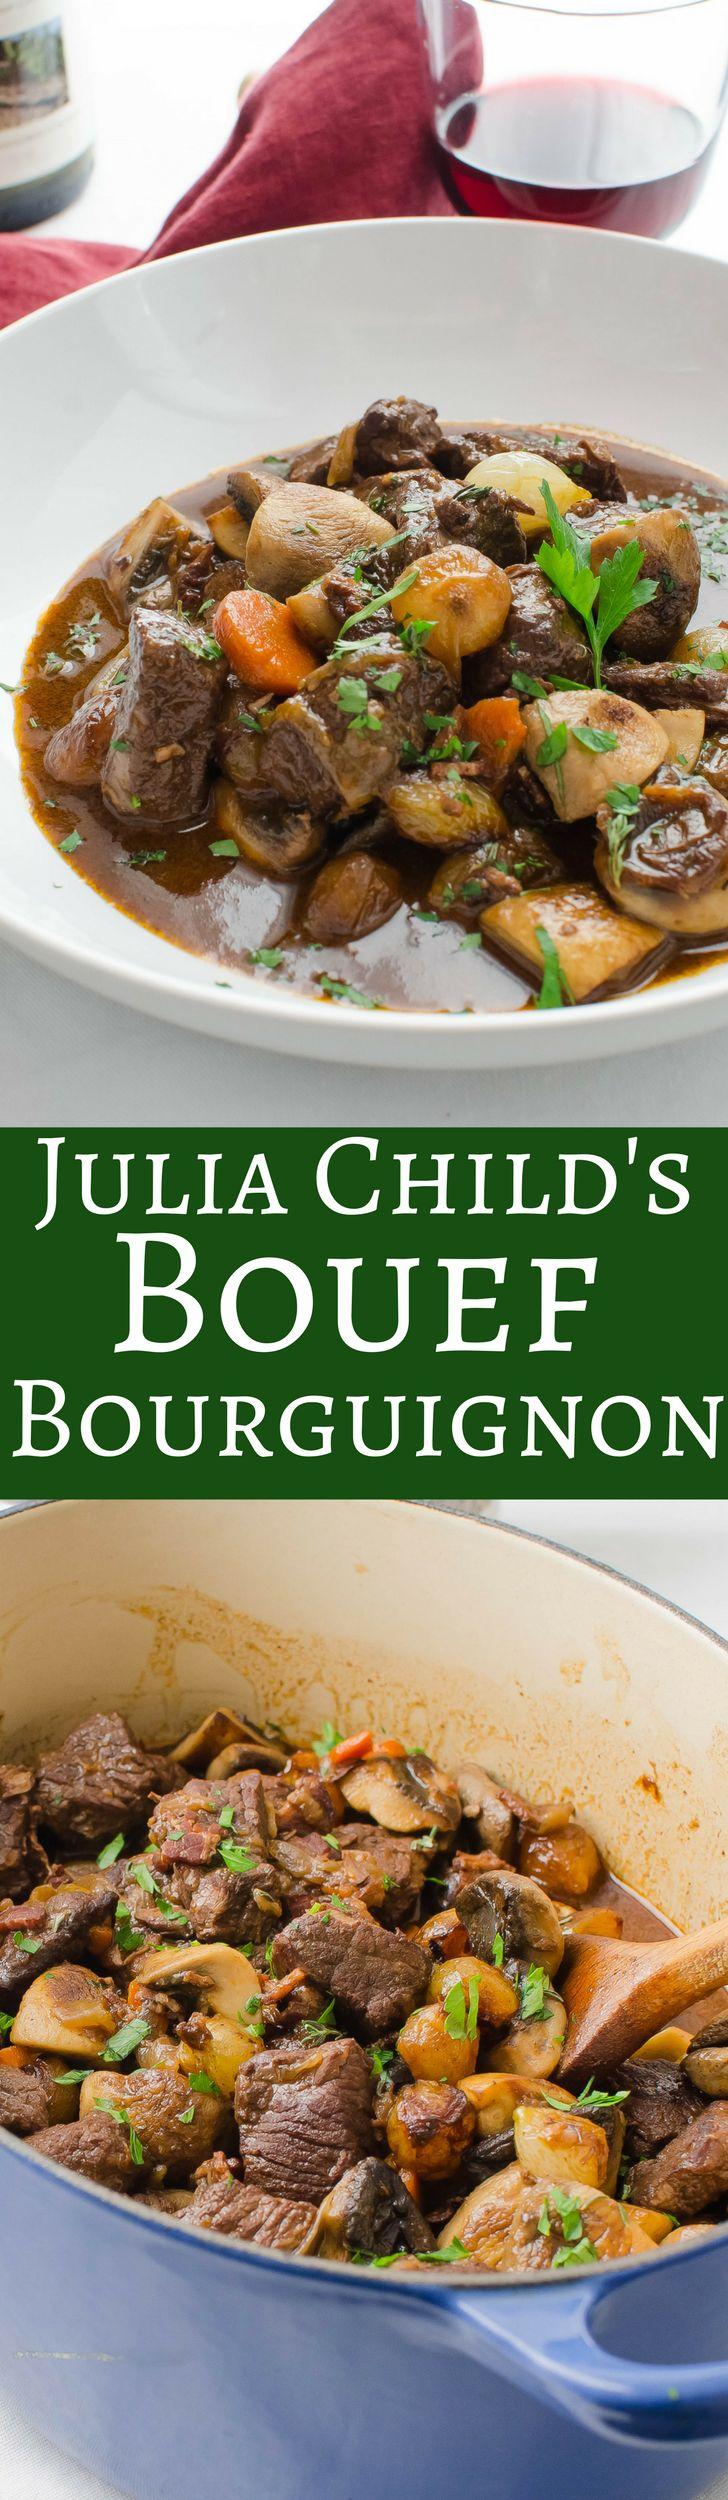 Julia Child's Boeuf Bourguignon